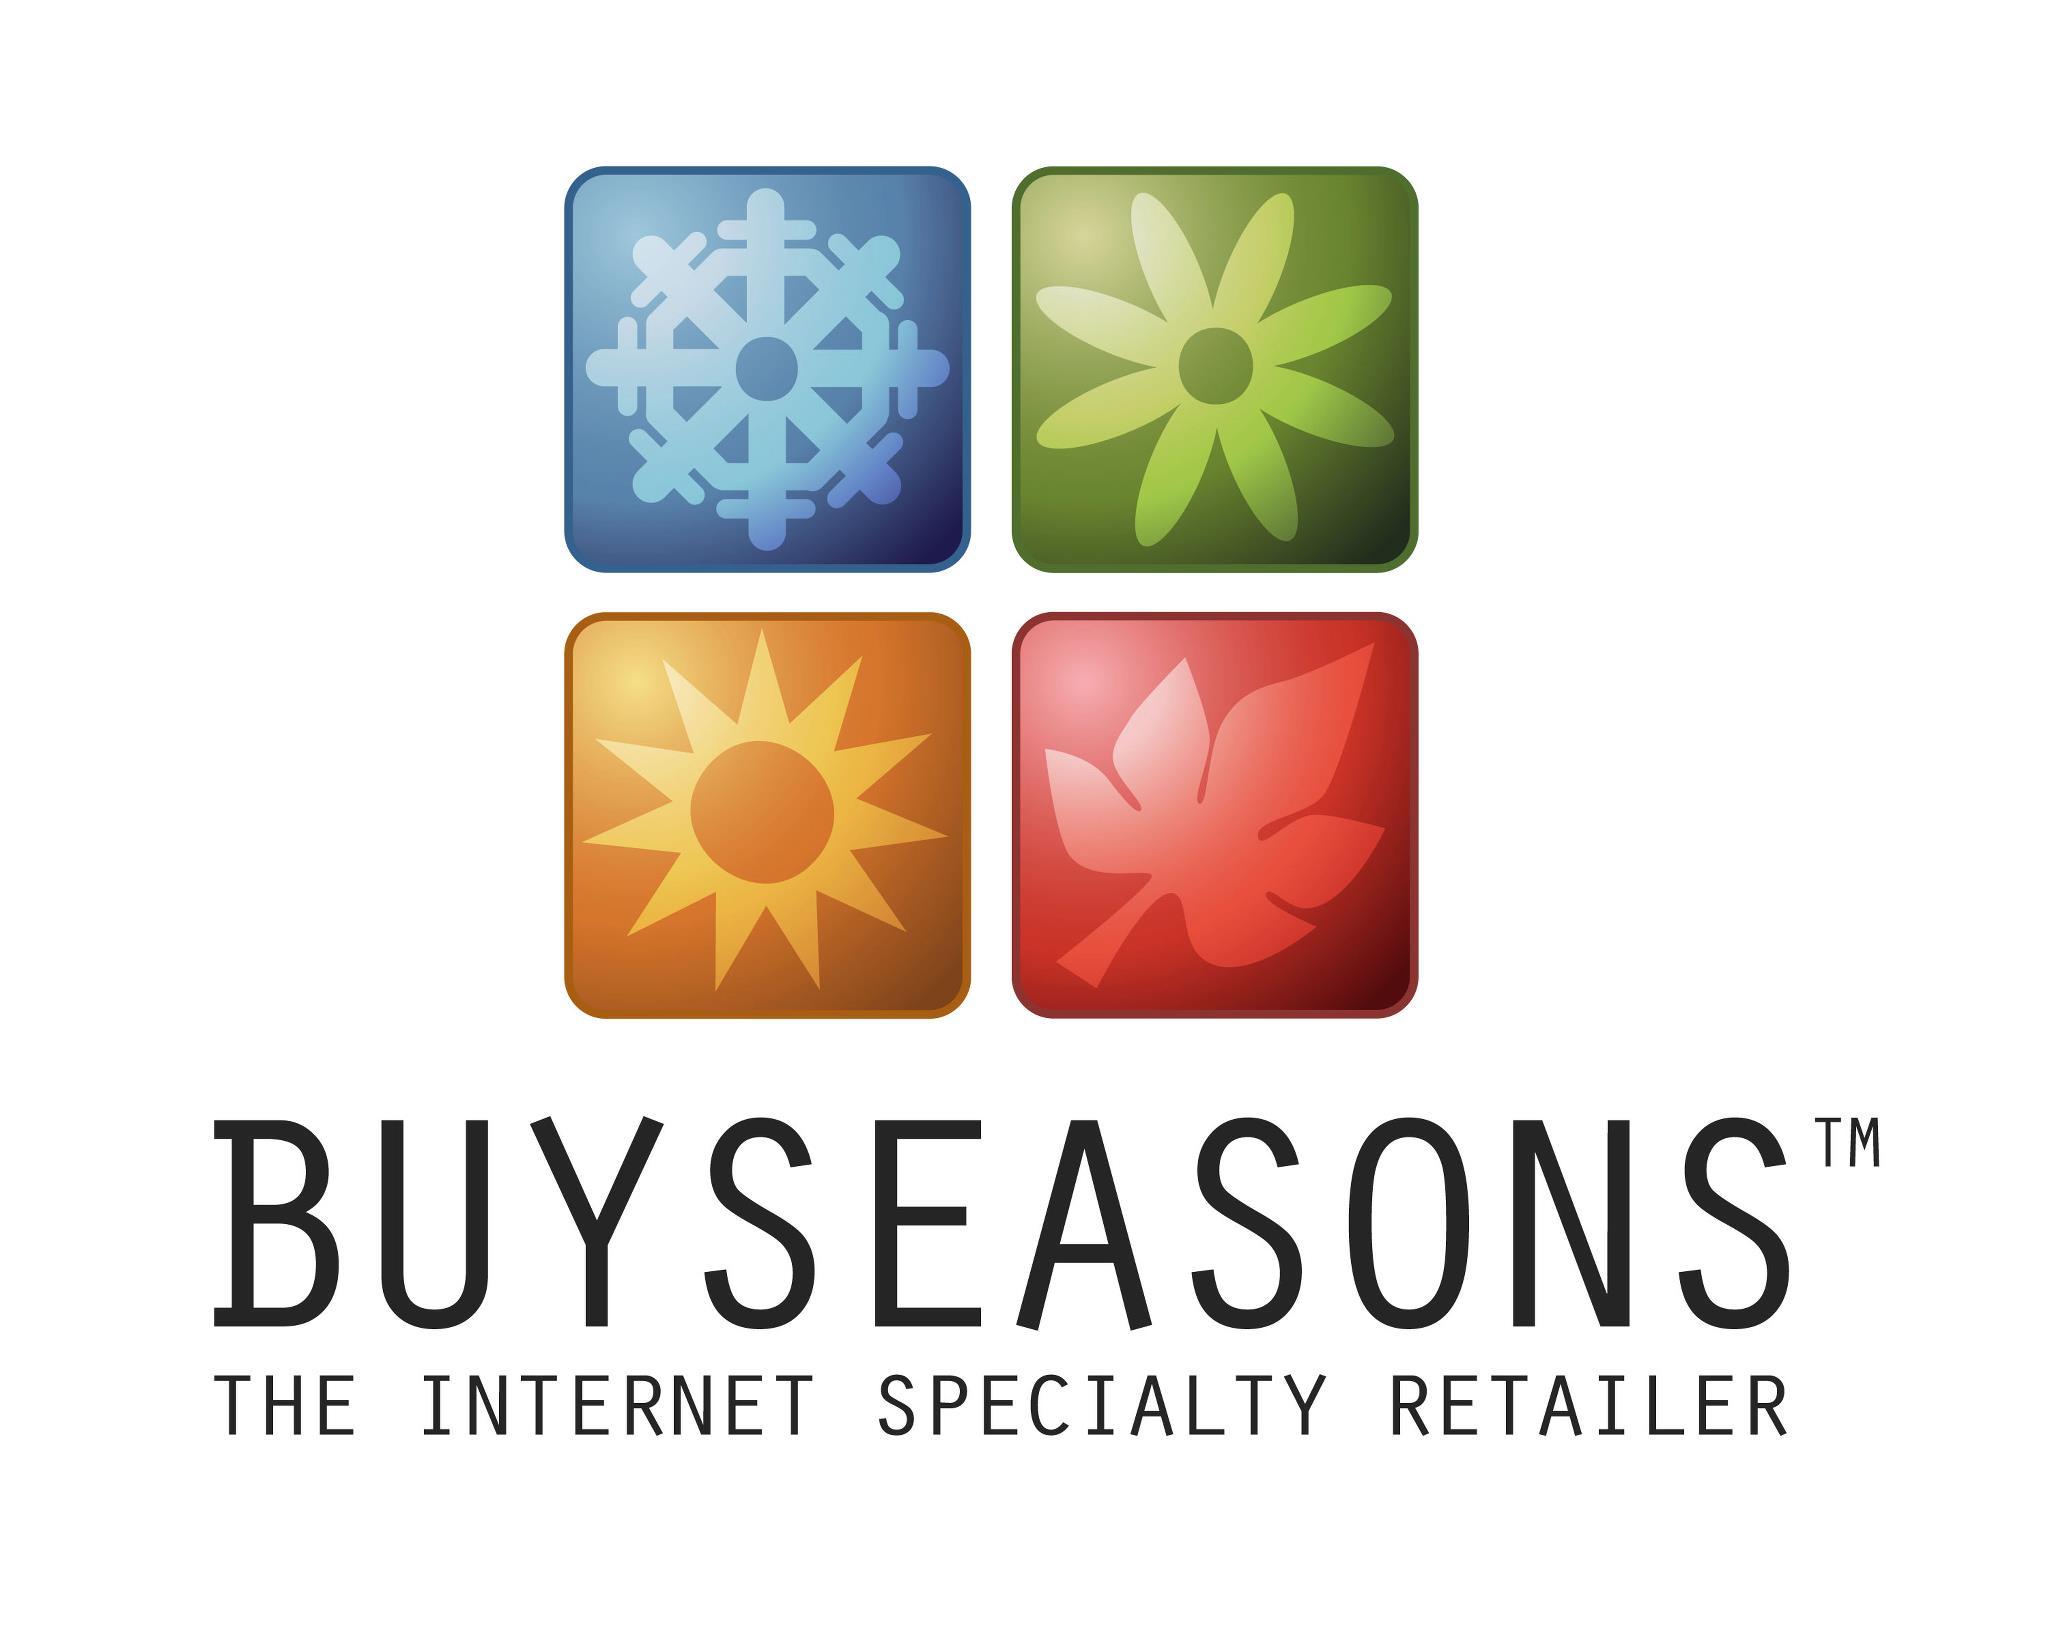 BuySeasons